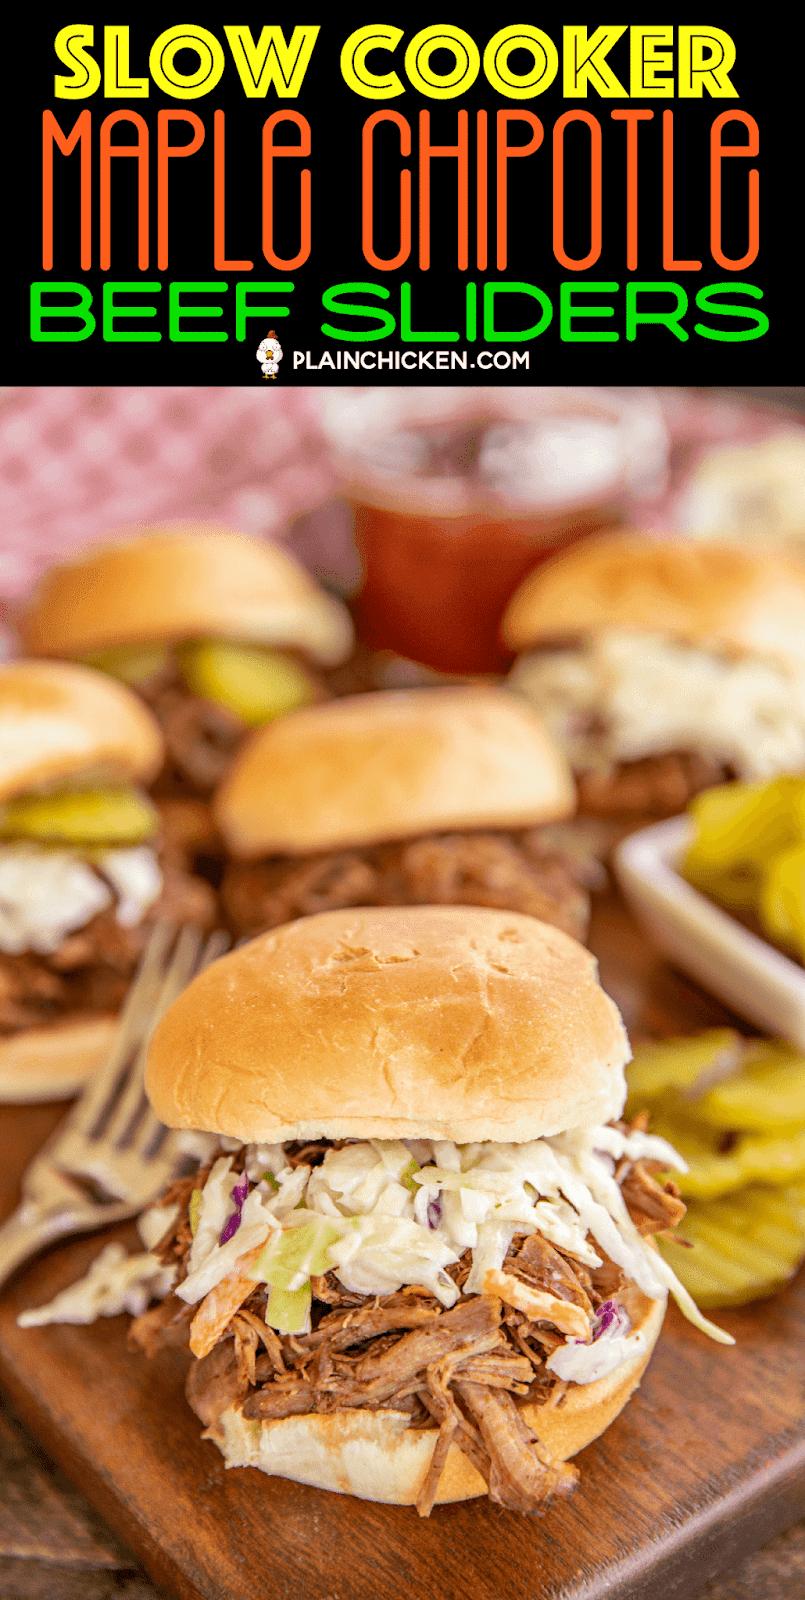 shredded pot roast beef sandwiches on serving board